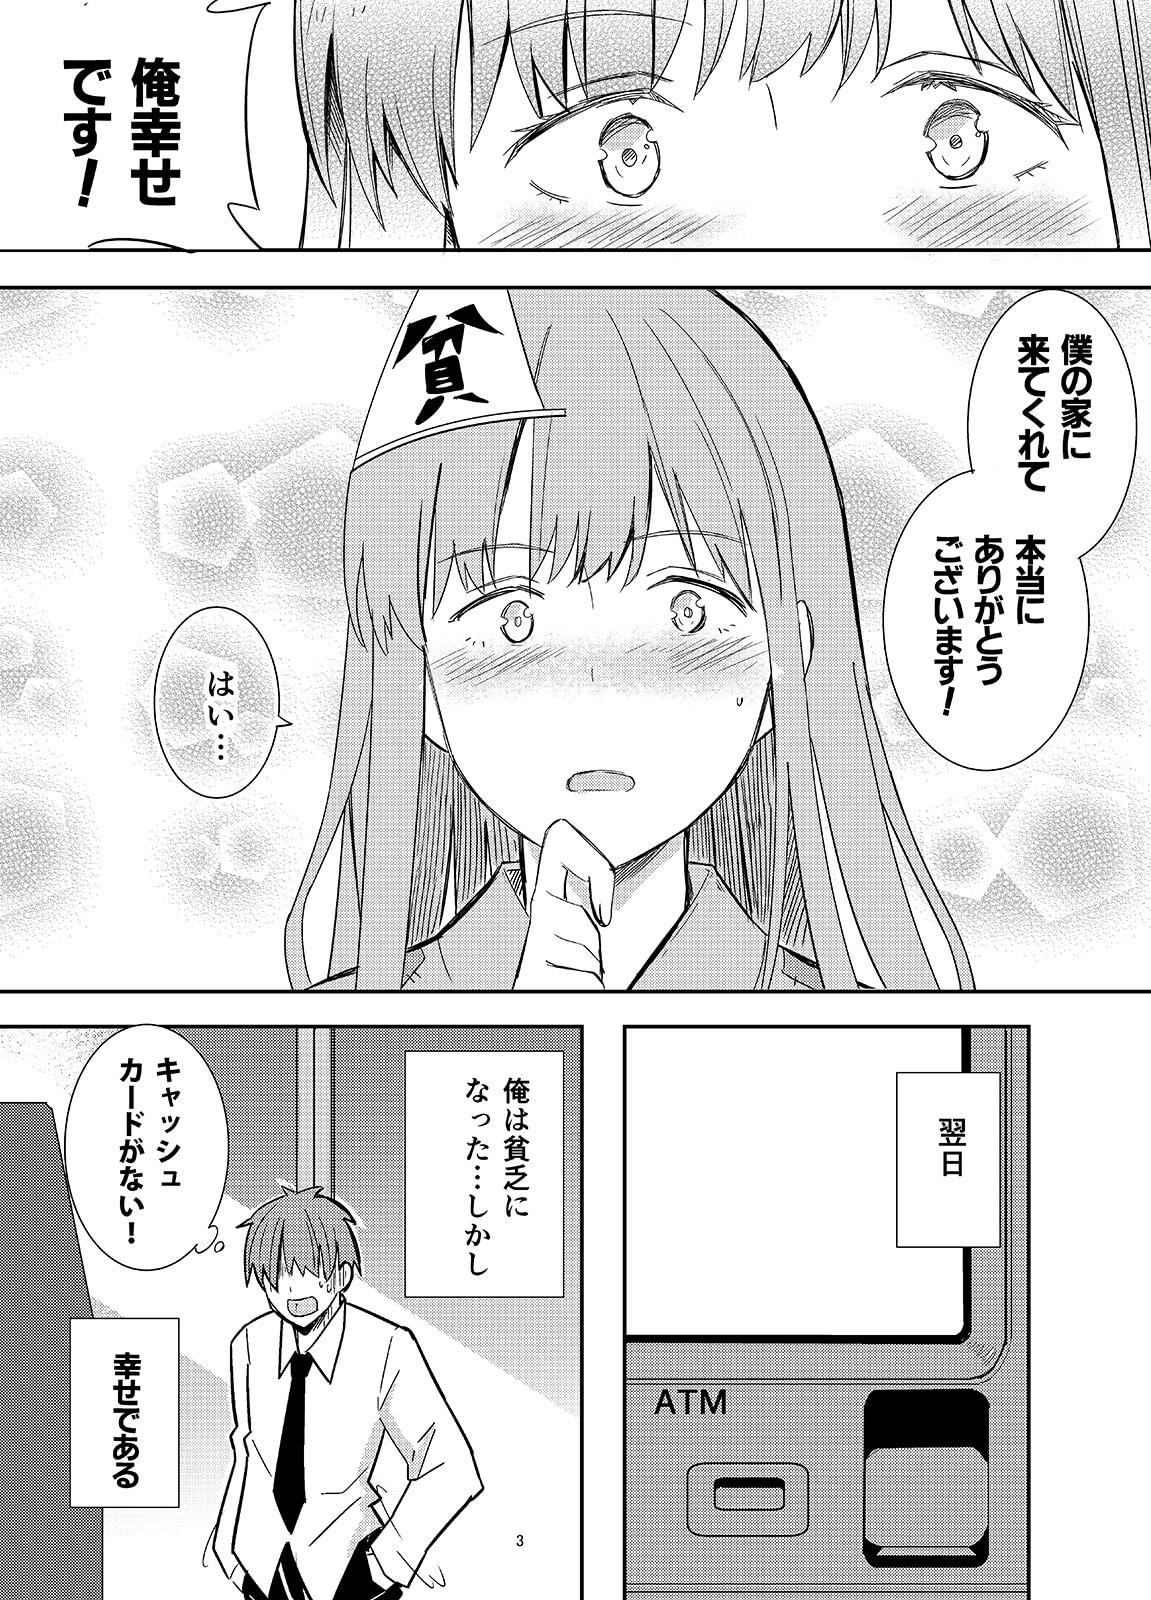 貧乏神さまと仲良しになった漫画2-4